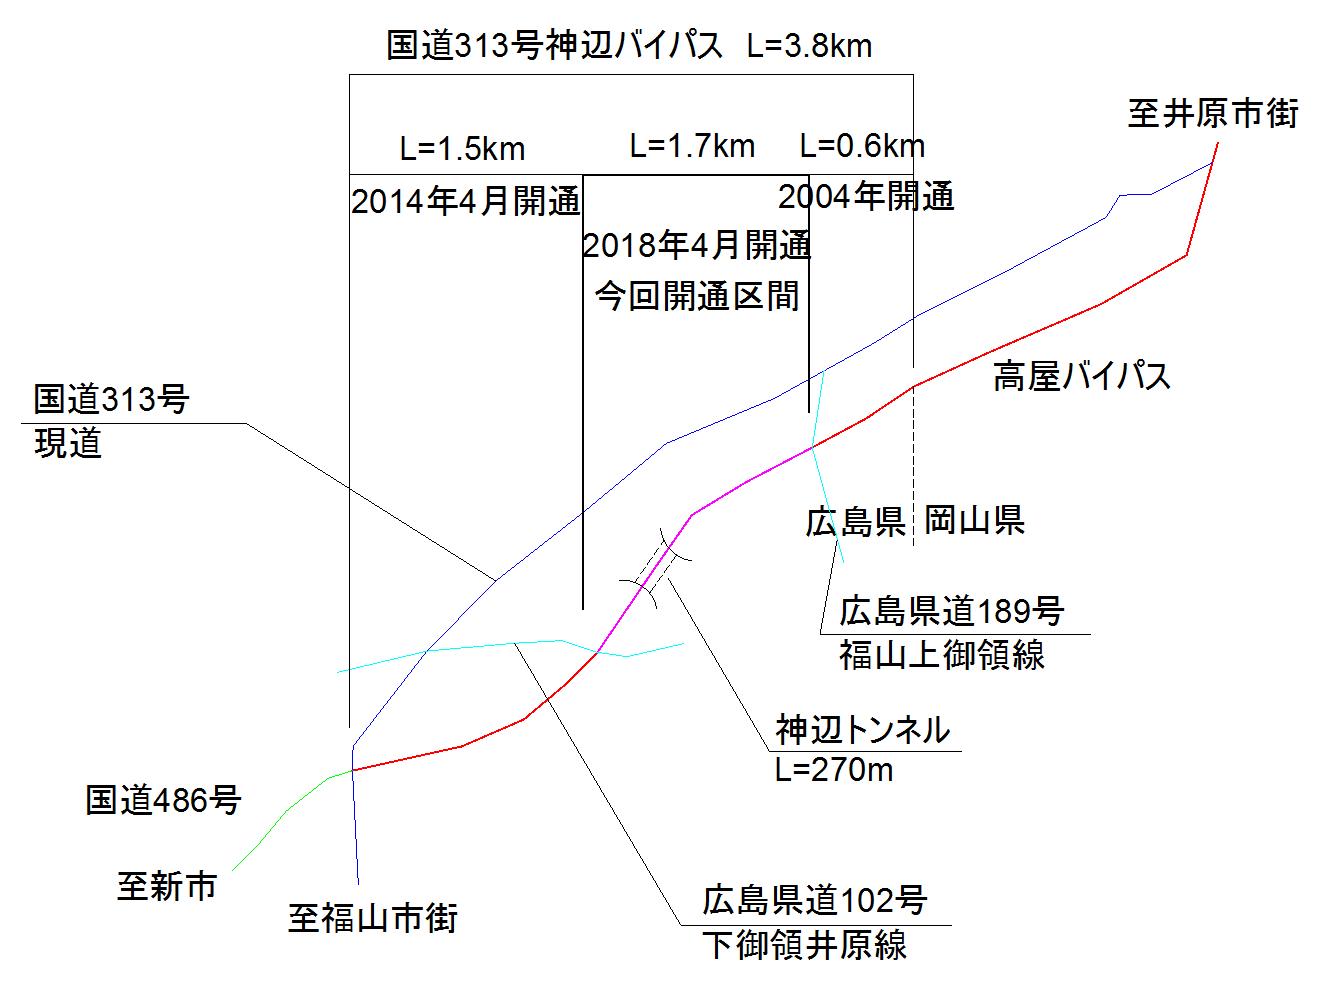 国道313号神辺バイパス位置図